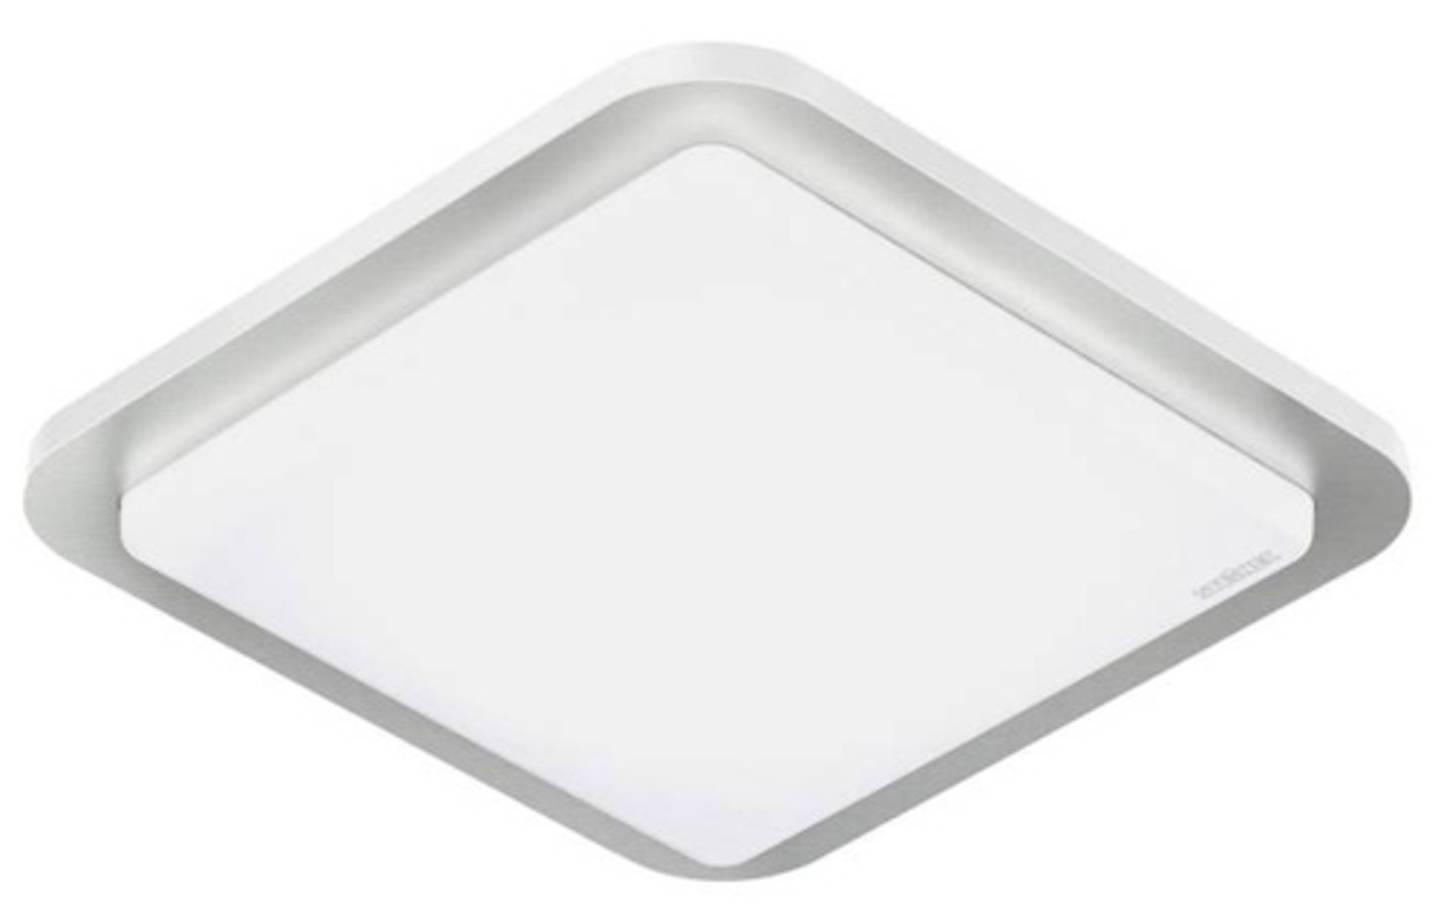 LED-Leuchten für das Badezimmer und die Duschecke